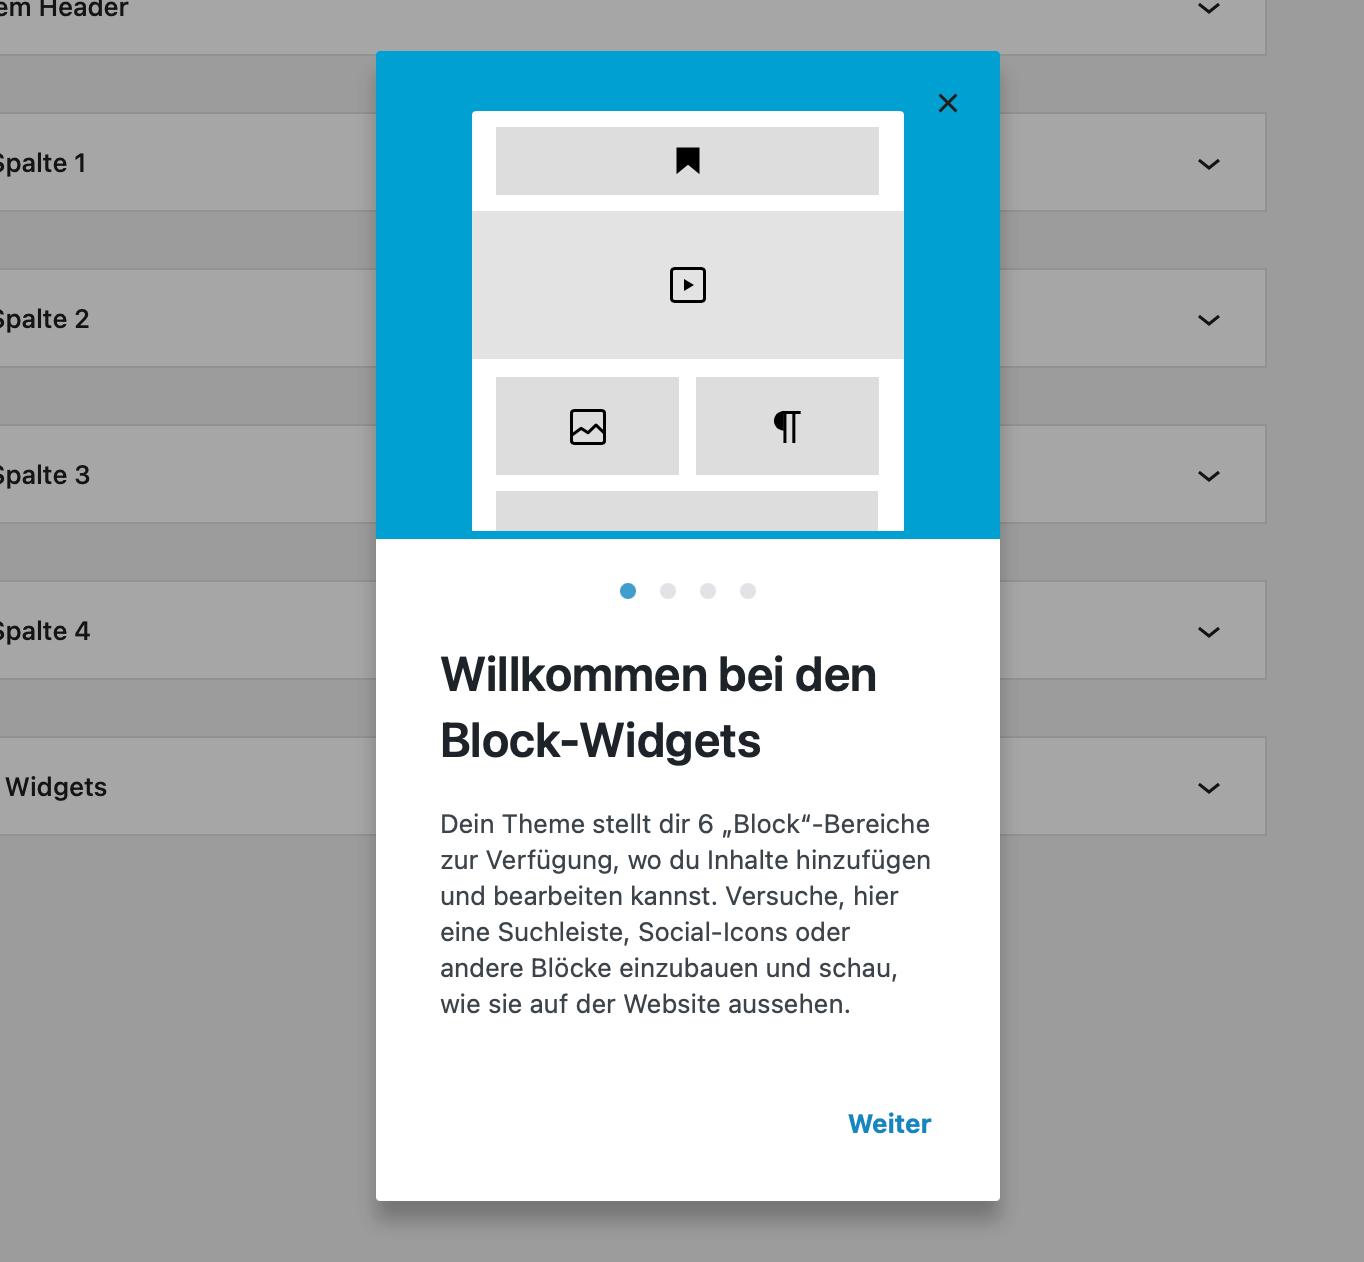 Der Willkommens-Guide bei den Block-Widgets